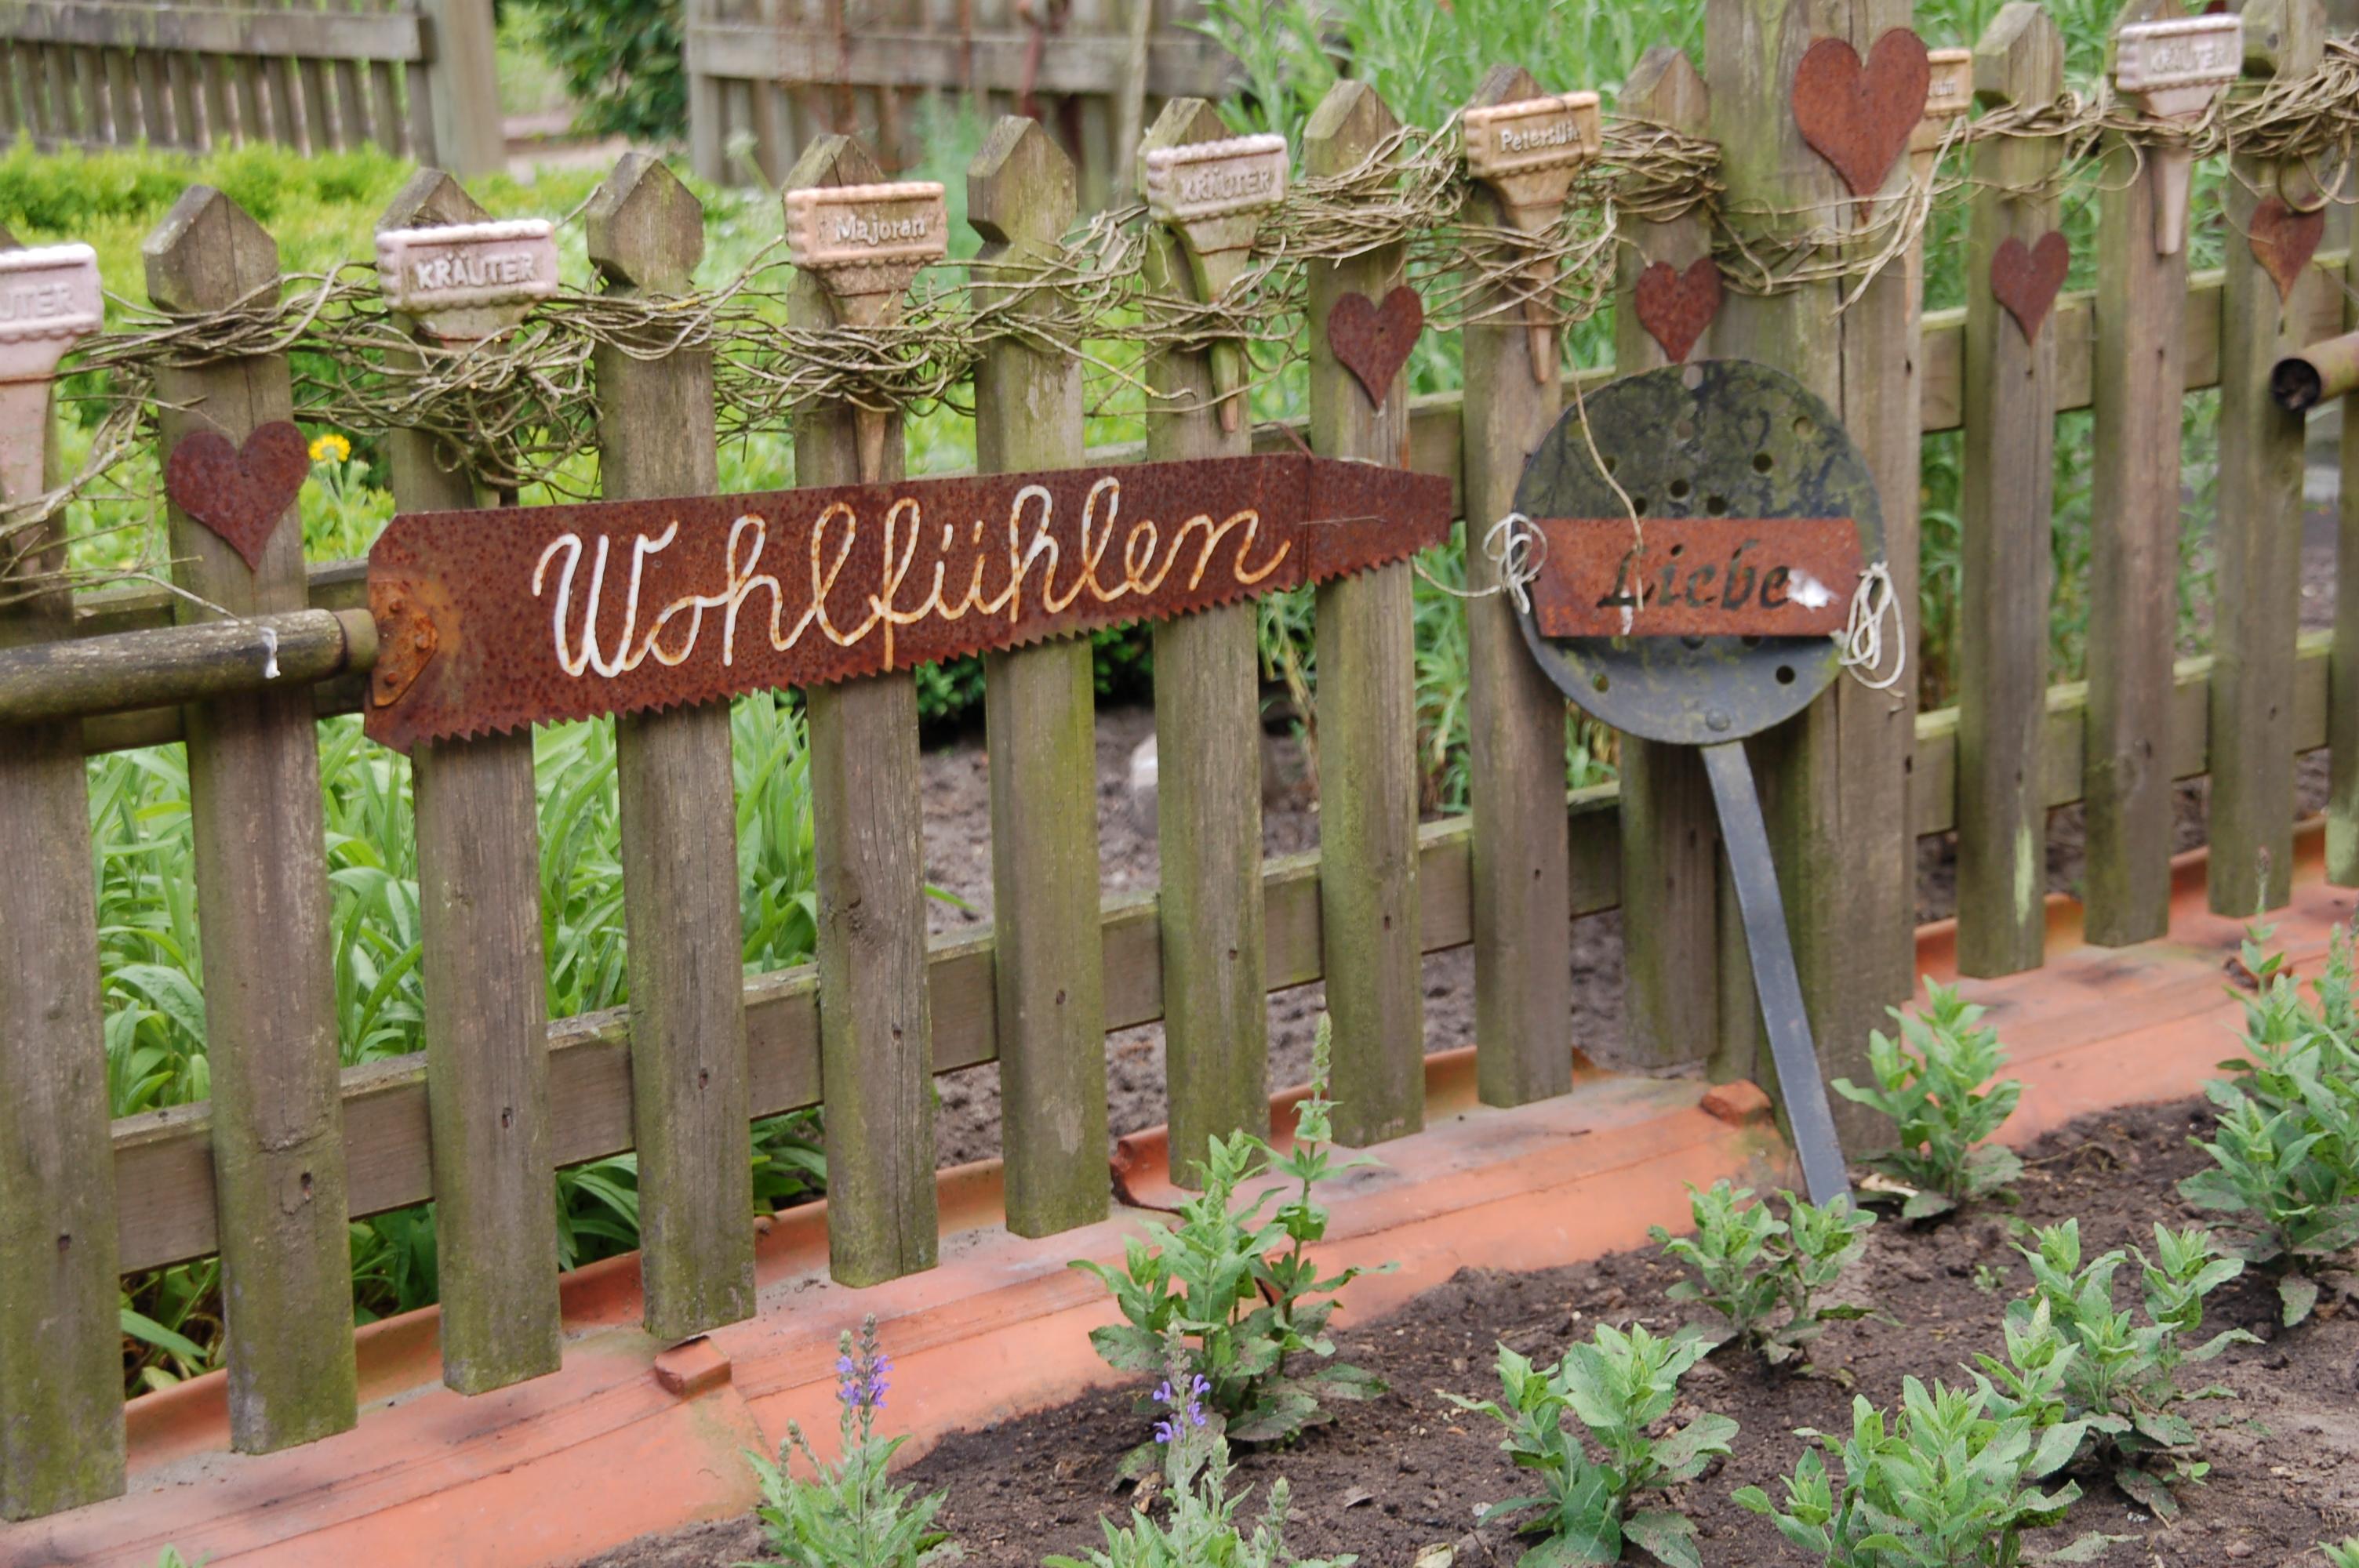 rostiges Sägeblatt mit weißer Schrift, alter Schaumlöffel, rostige Herzen als Gartendeko